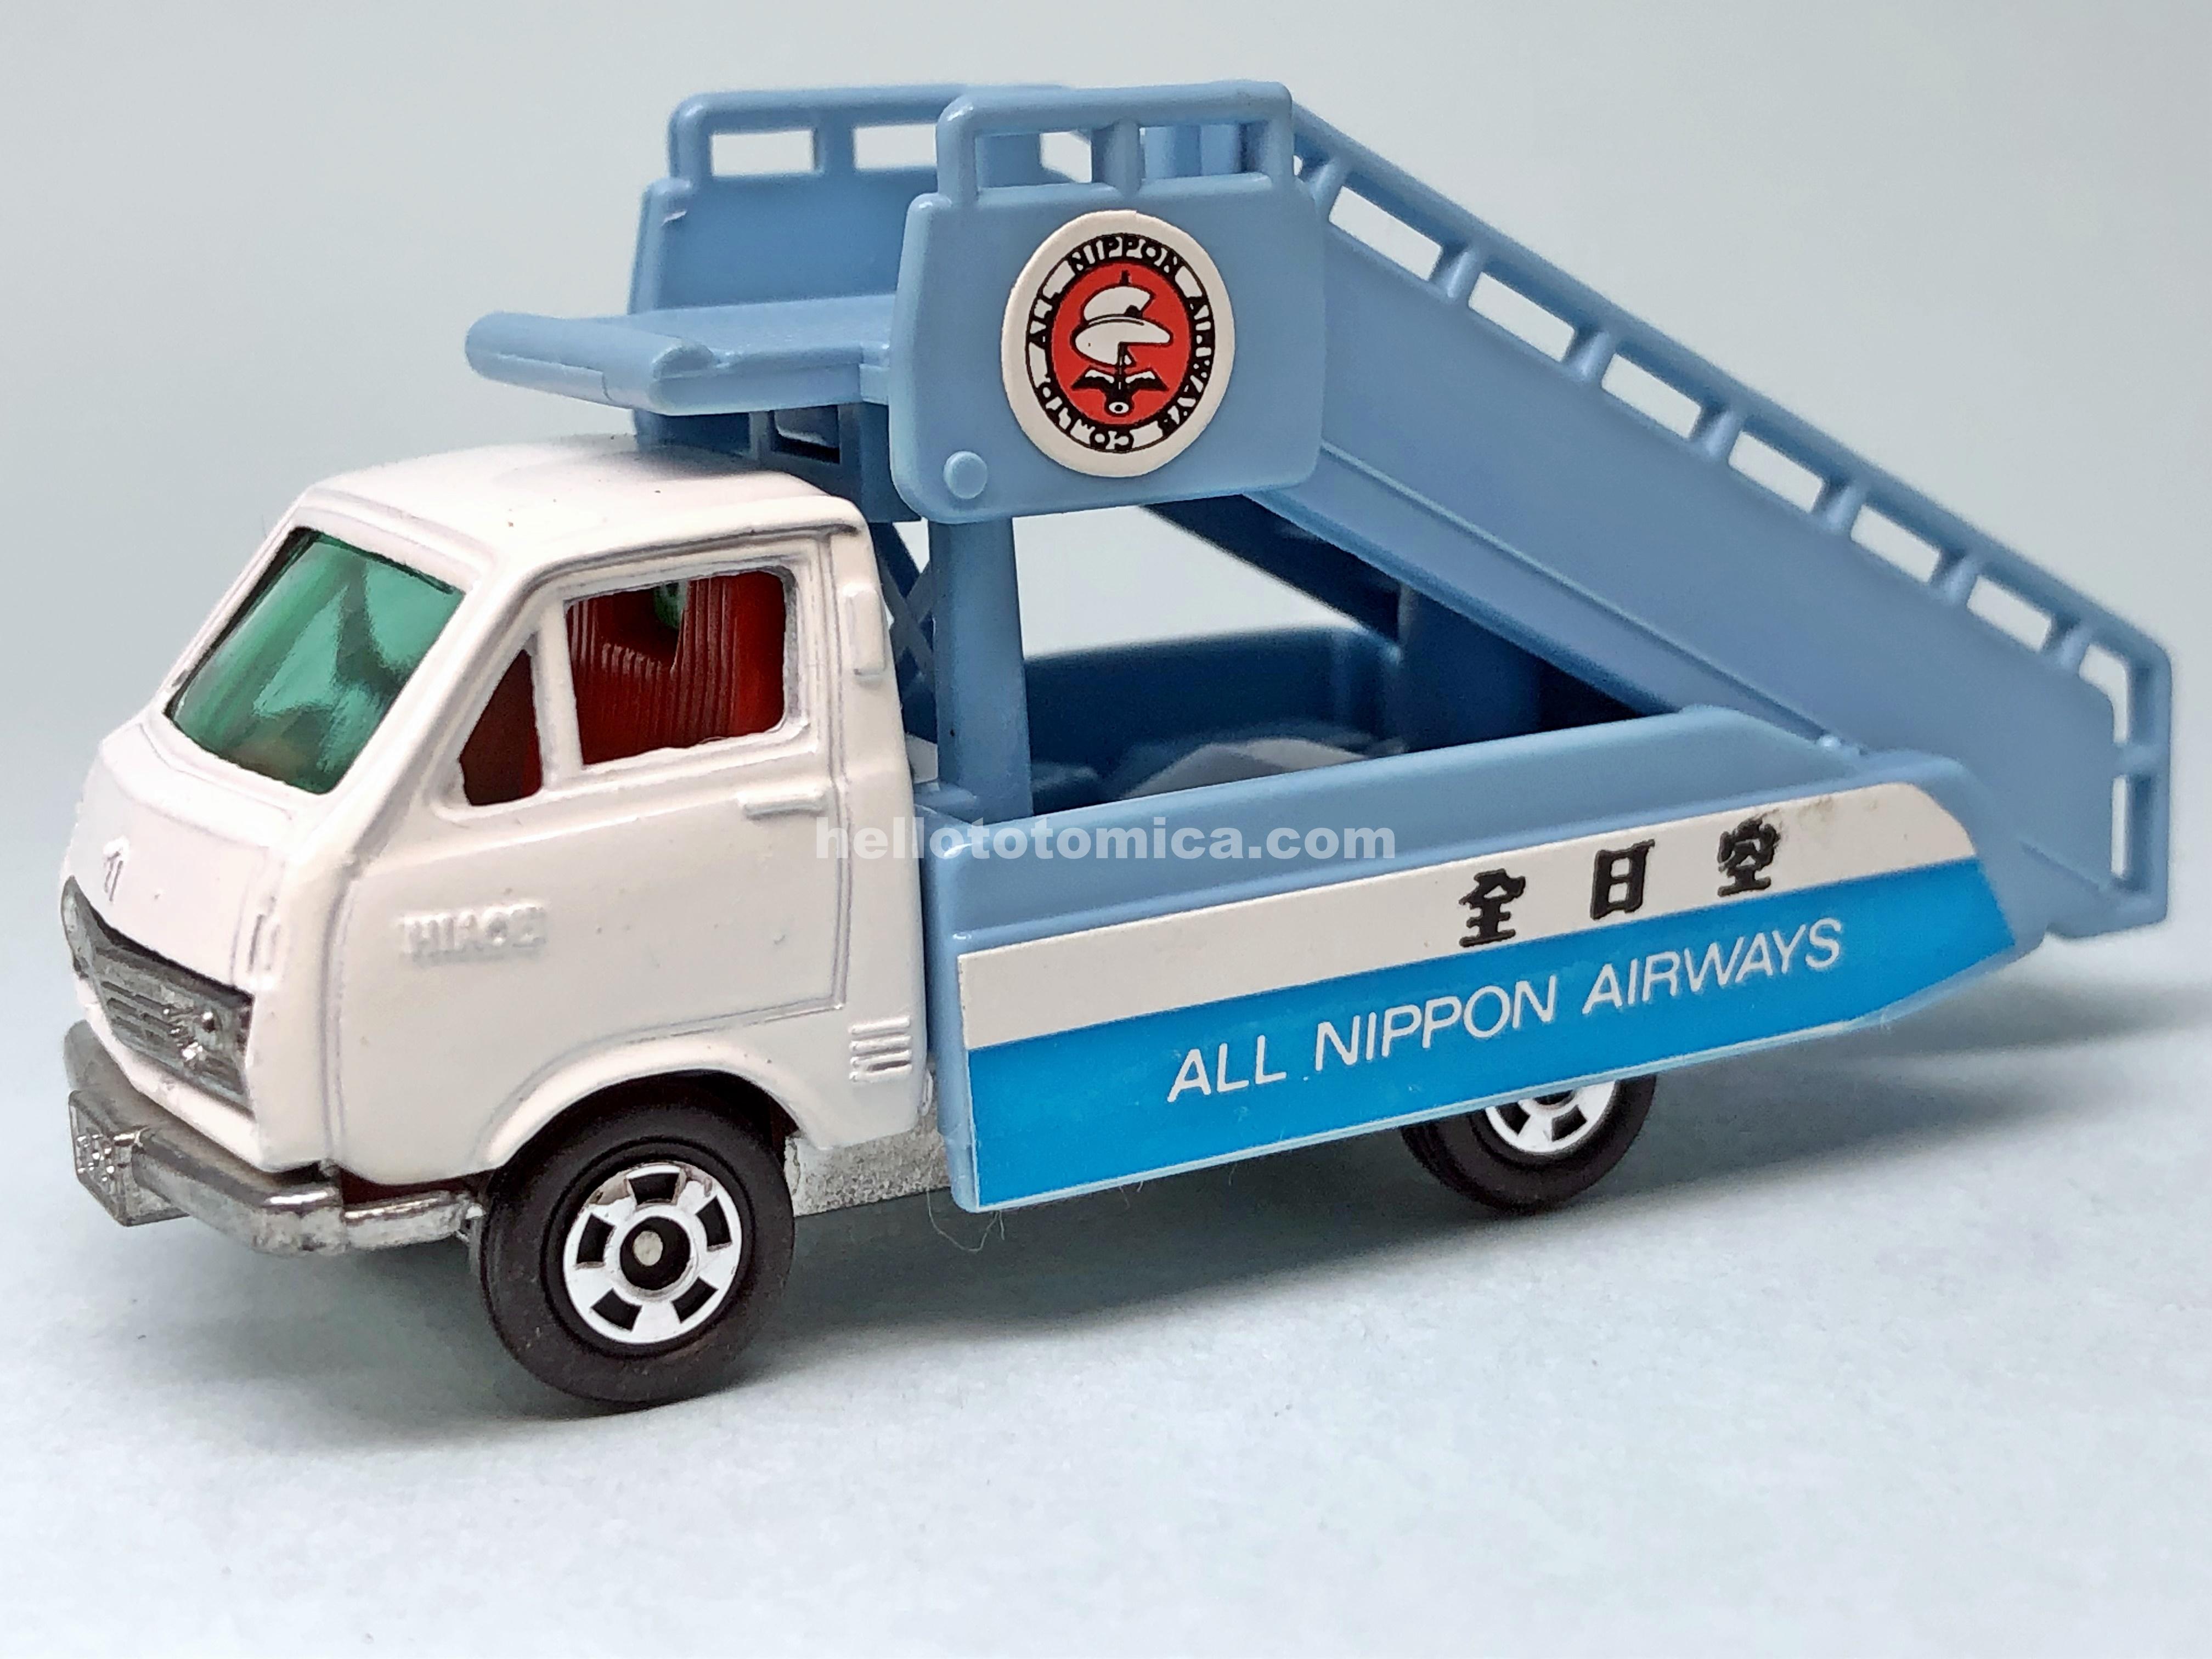 98-1 STAIR CAR